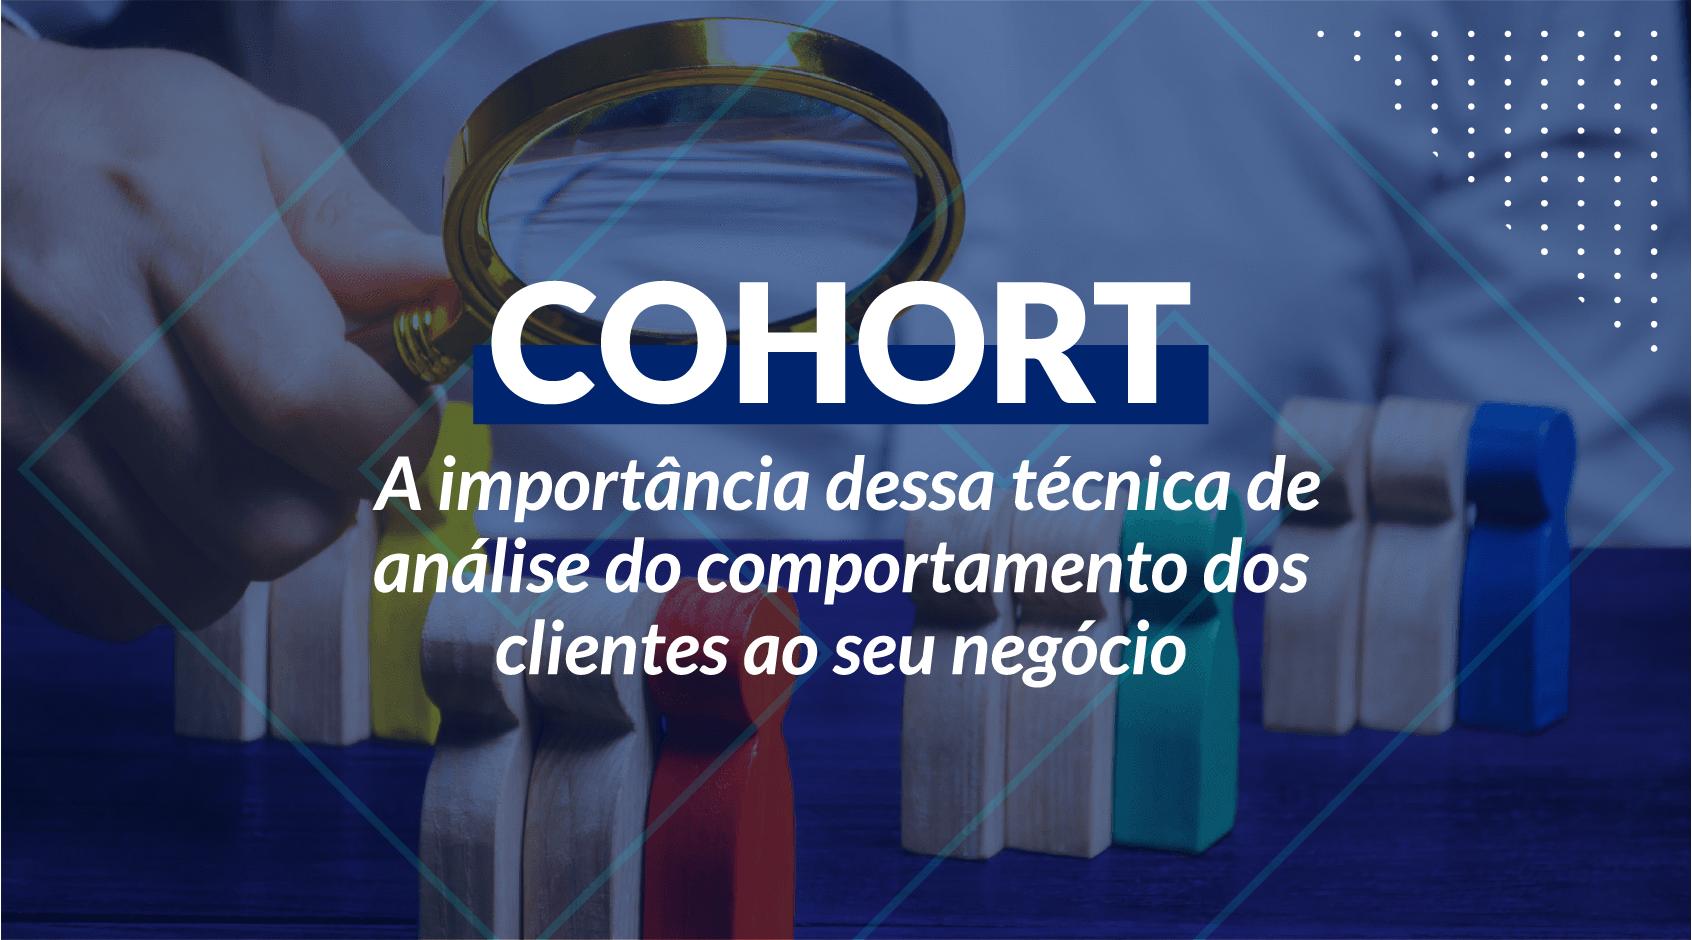 Cohort: A importância dessa técnica de análise do comportamento dos clientes ao seu negócio